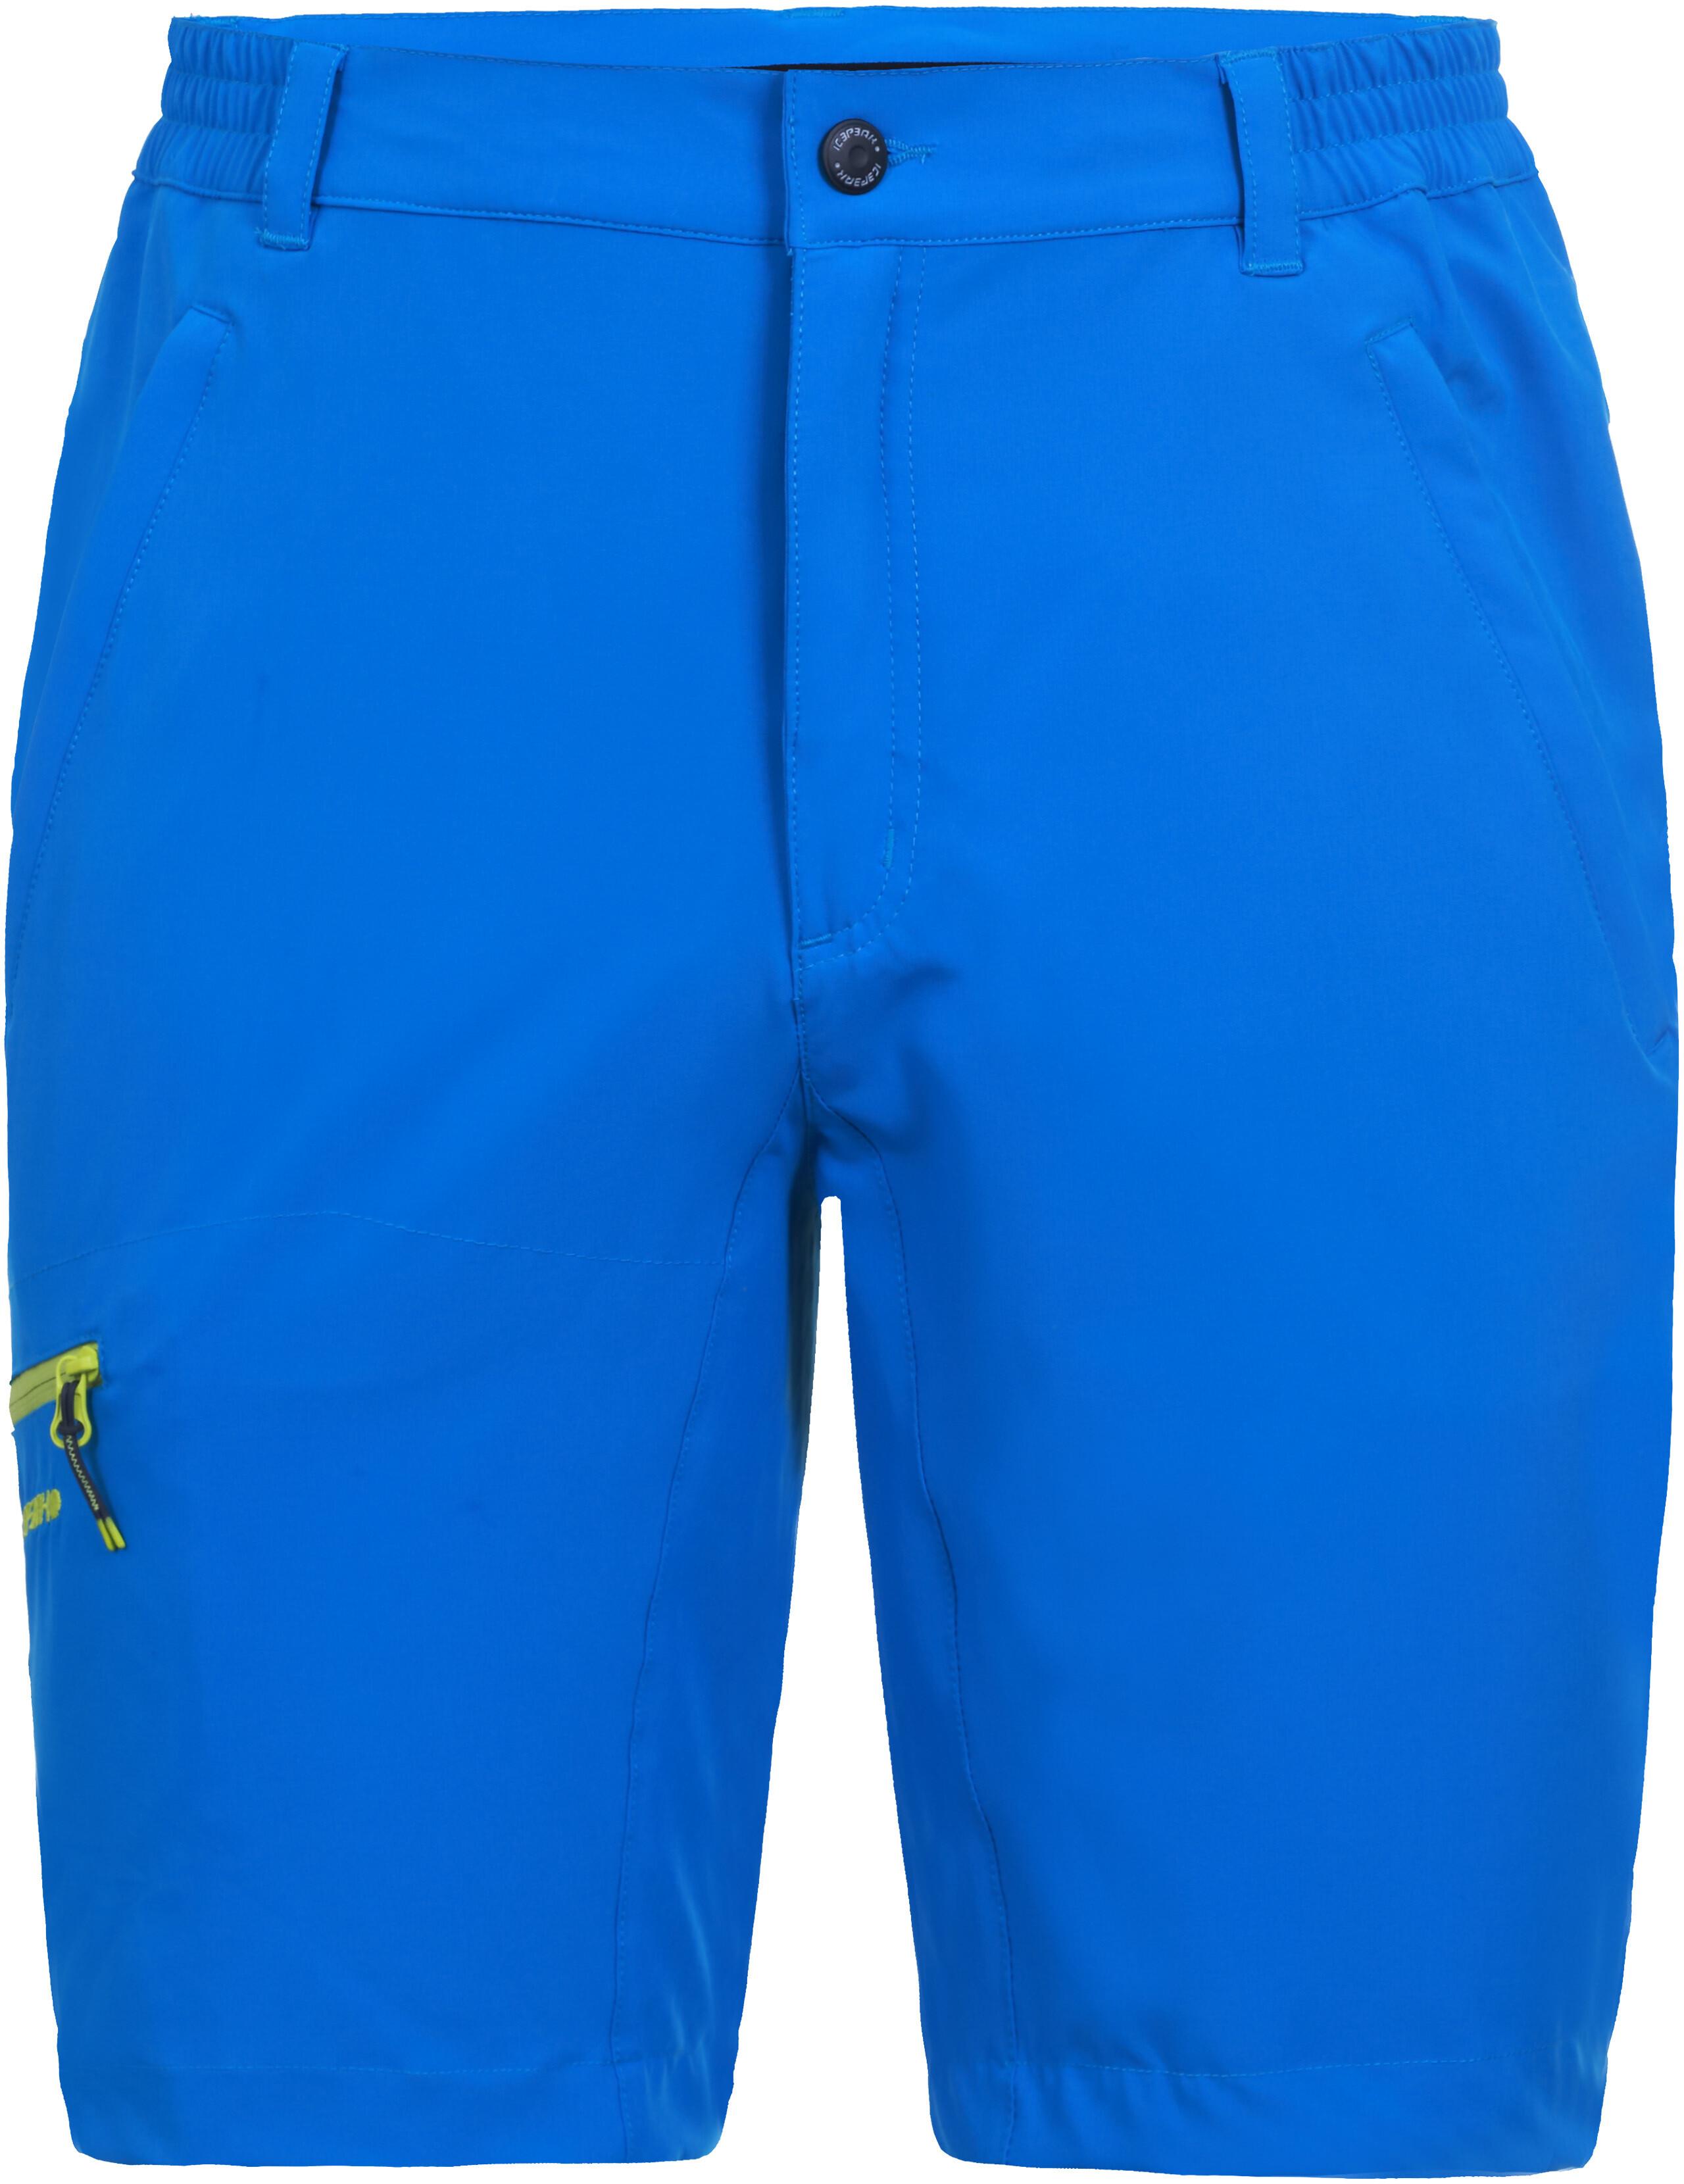 Icepeak Berwyn Pantalones Cortos Elasticos Hombre Royal Blue Campz Es